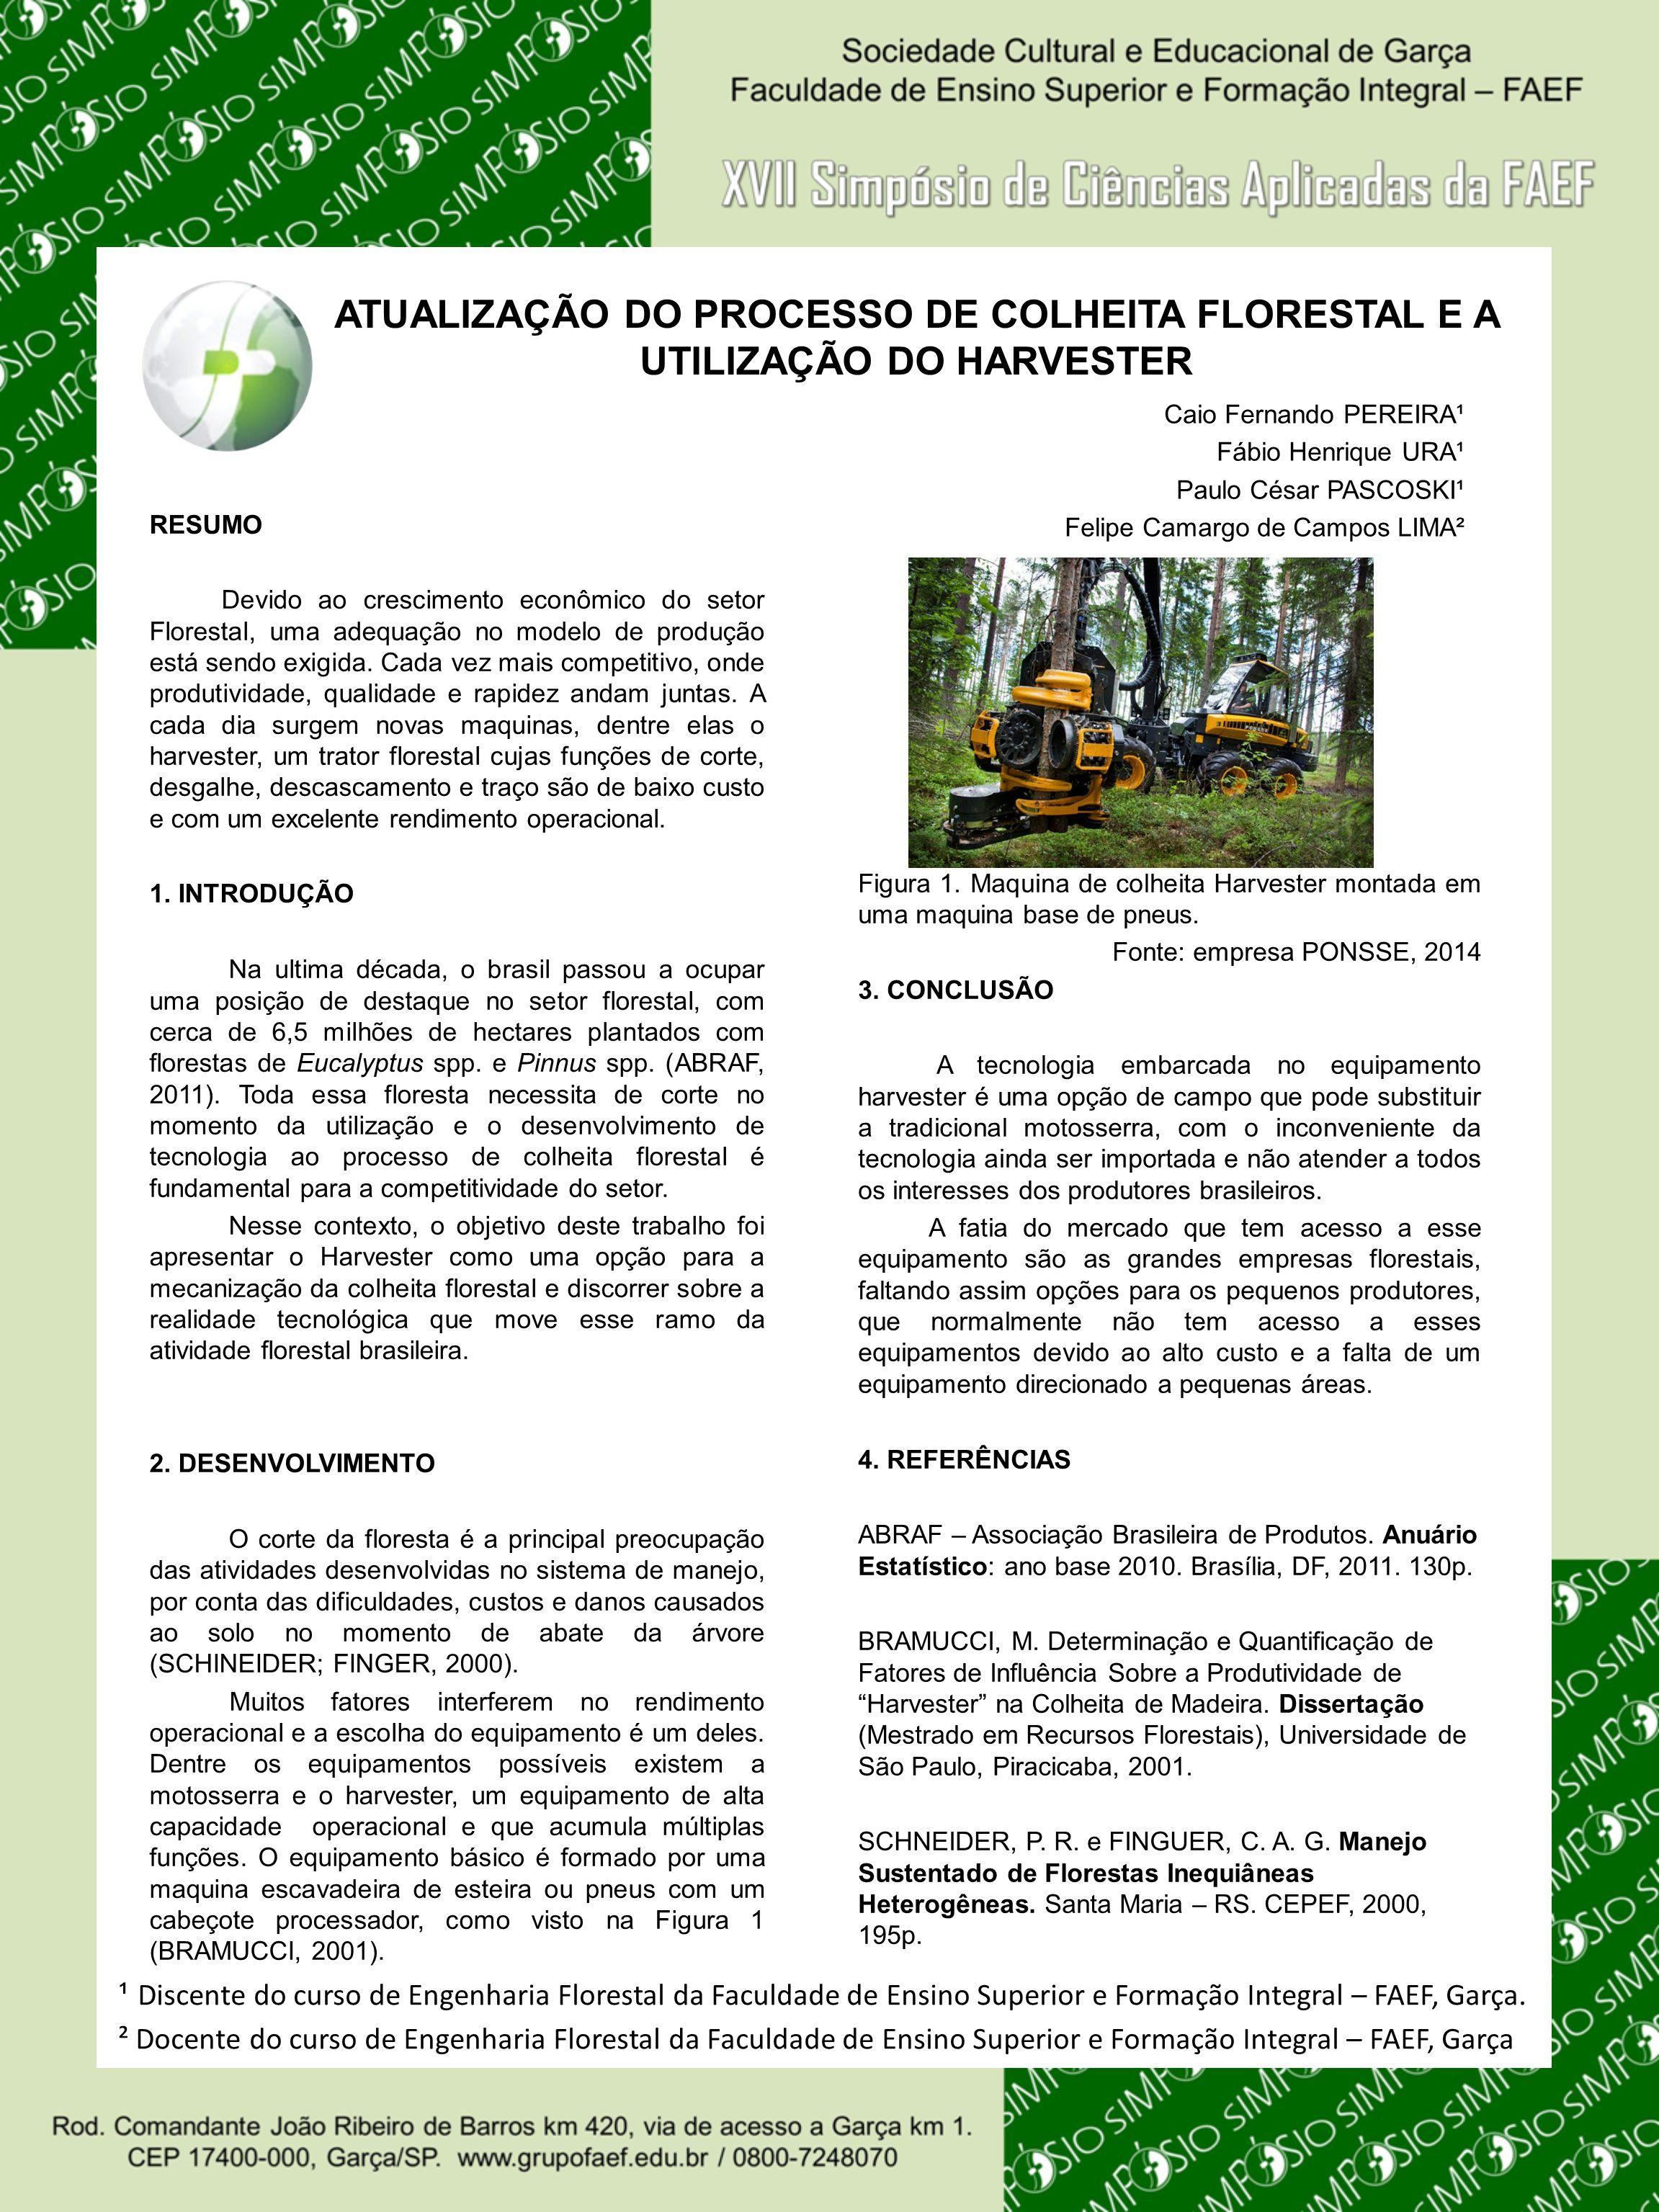 ATUALIZAÇÃO DO PROCESSO DE COLHEITA FLORESTAL E A UTILIZAÇÃO DO HARVESTER